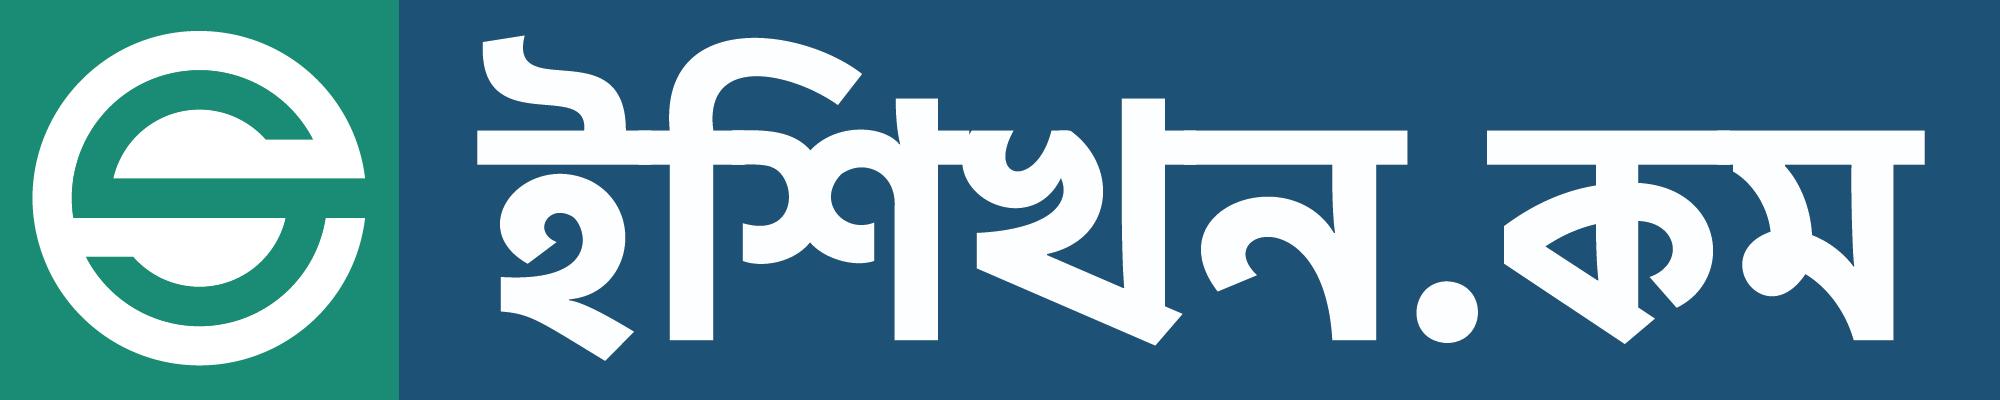 eShikhon.com - ইশিখন.কম